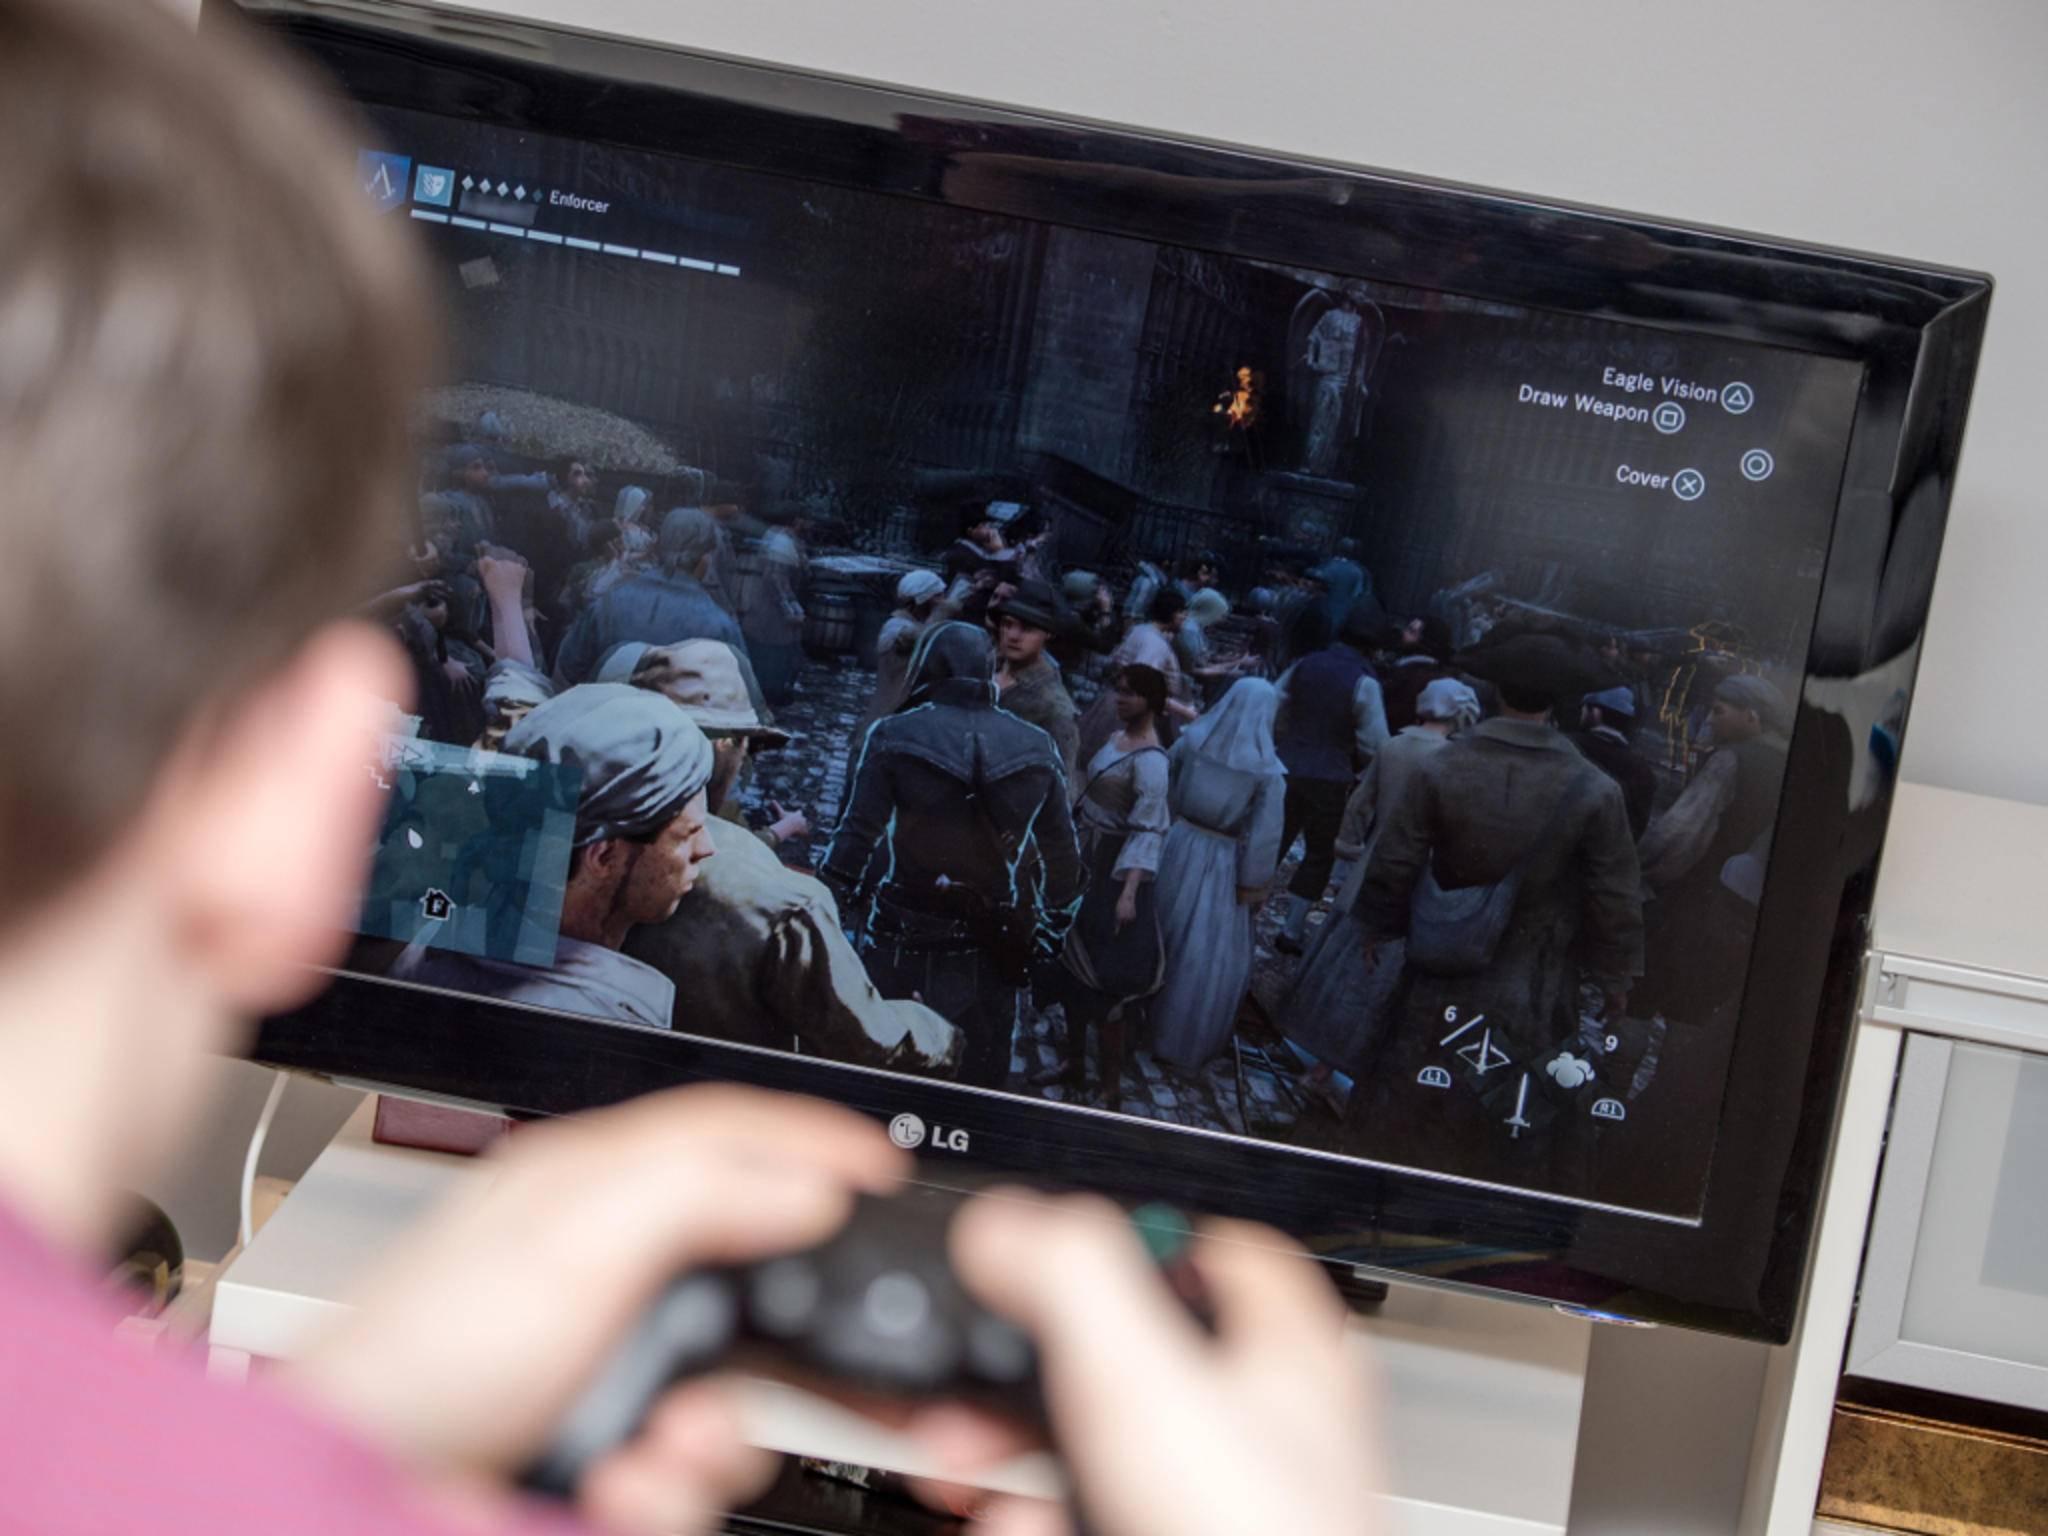 Mit unseren Tipps sind Bildprobleme bei der PlayStation schnell behoben.